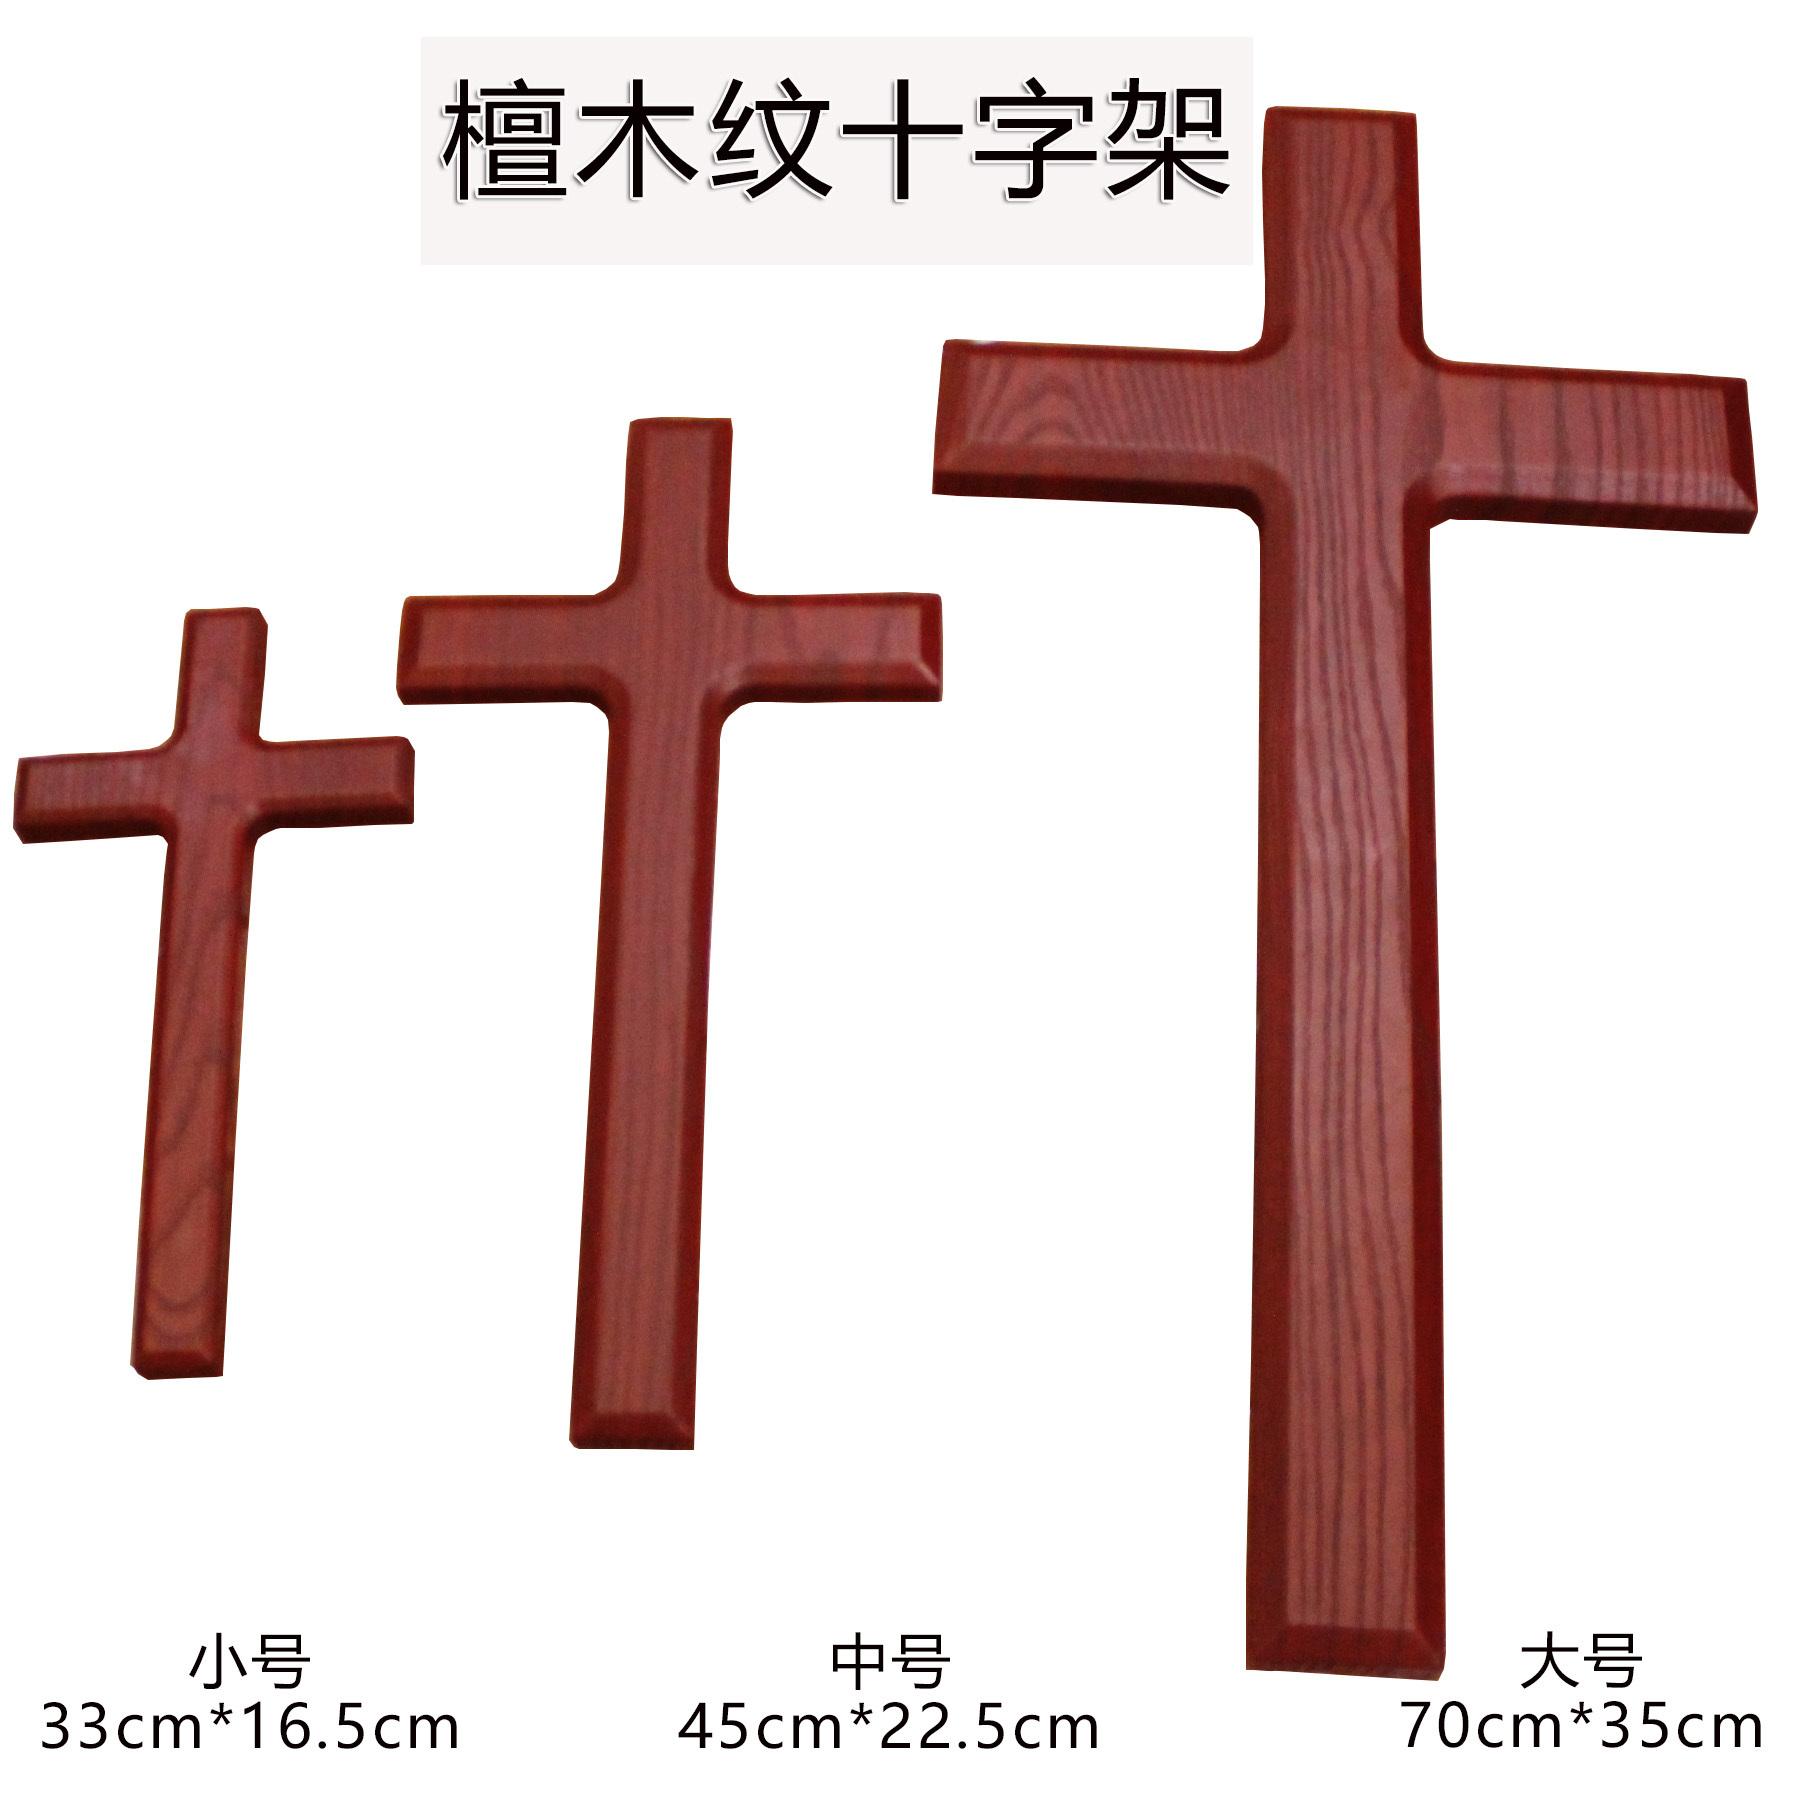 全国包邮基督教礼品礼物十字架壁挂墙饰品客厅书房卧室新简约特价